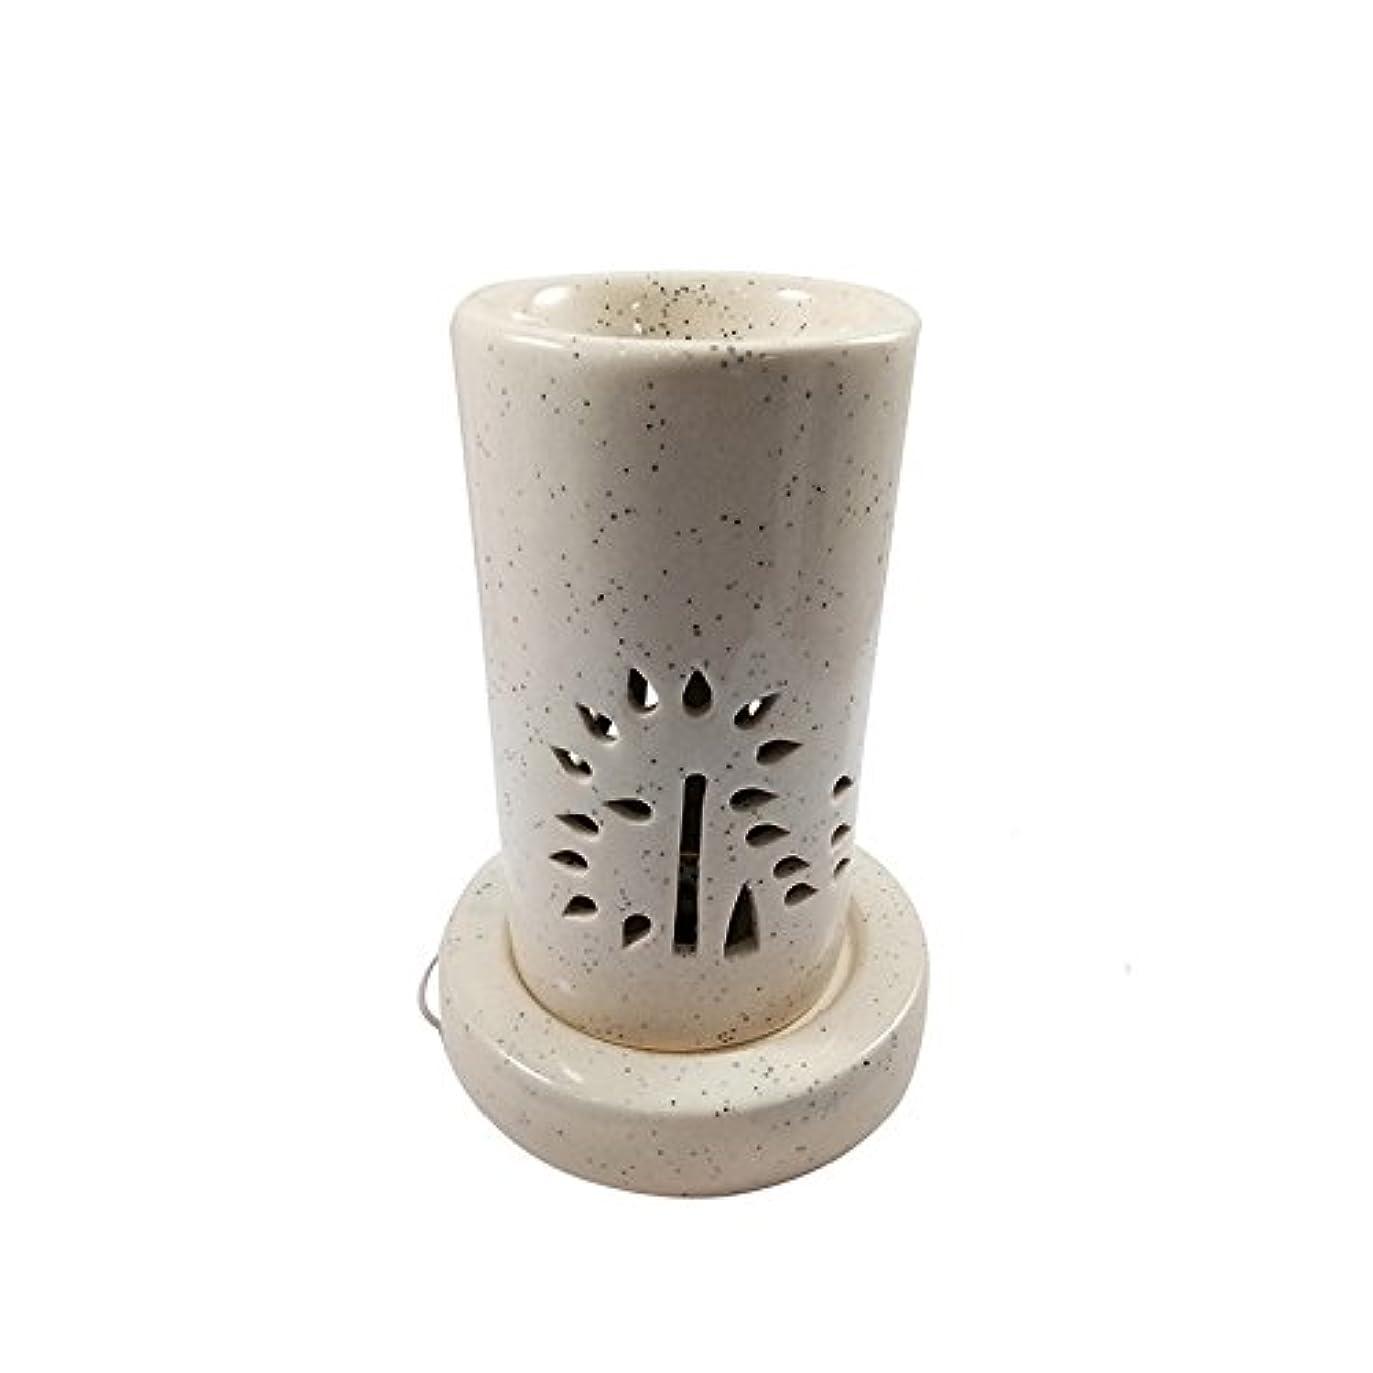 変形哲学者呪われたホームデコレーション定期的に使用する汚染のない手作りセラミックエスニックアロマディフューザーオイルバーナー|良質ブラウン色電気アロマテラピー香油暖かい数量1